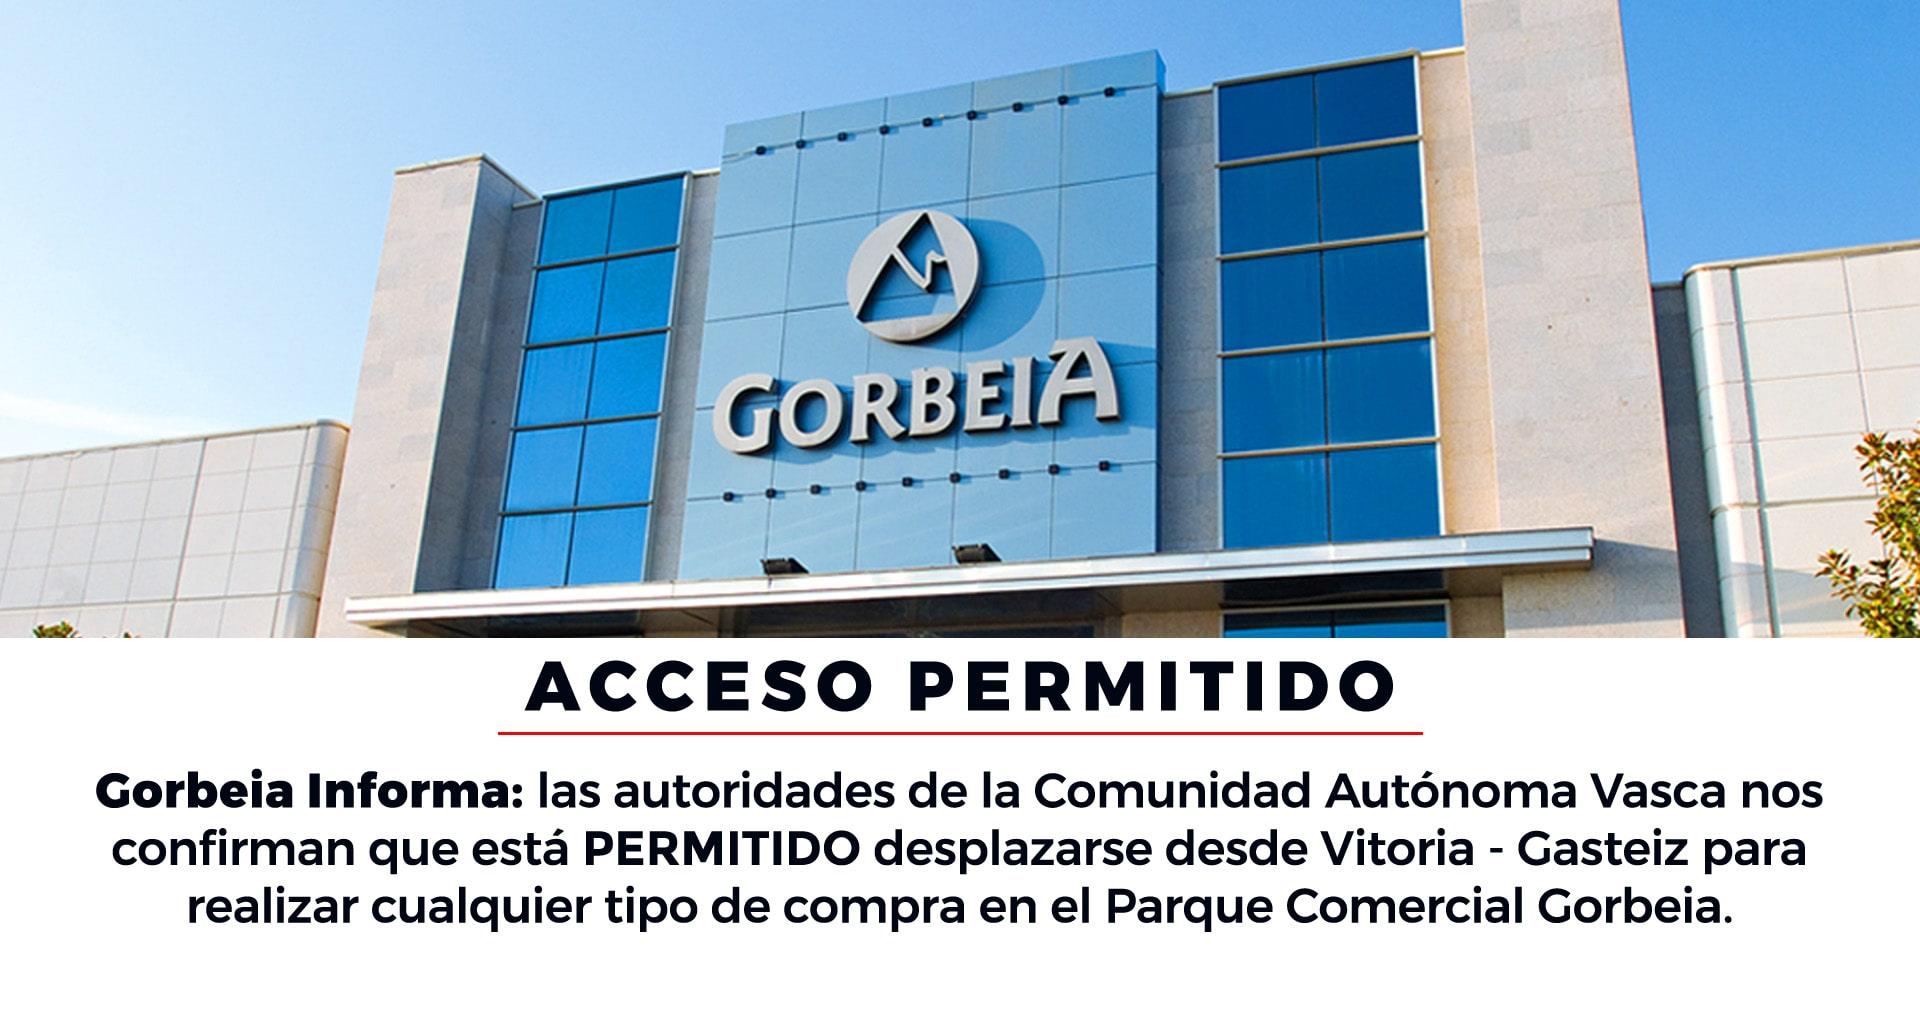 El acceso al Parque Comercial Gorbeia desde Vitoria - Gasteiz está permitido